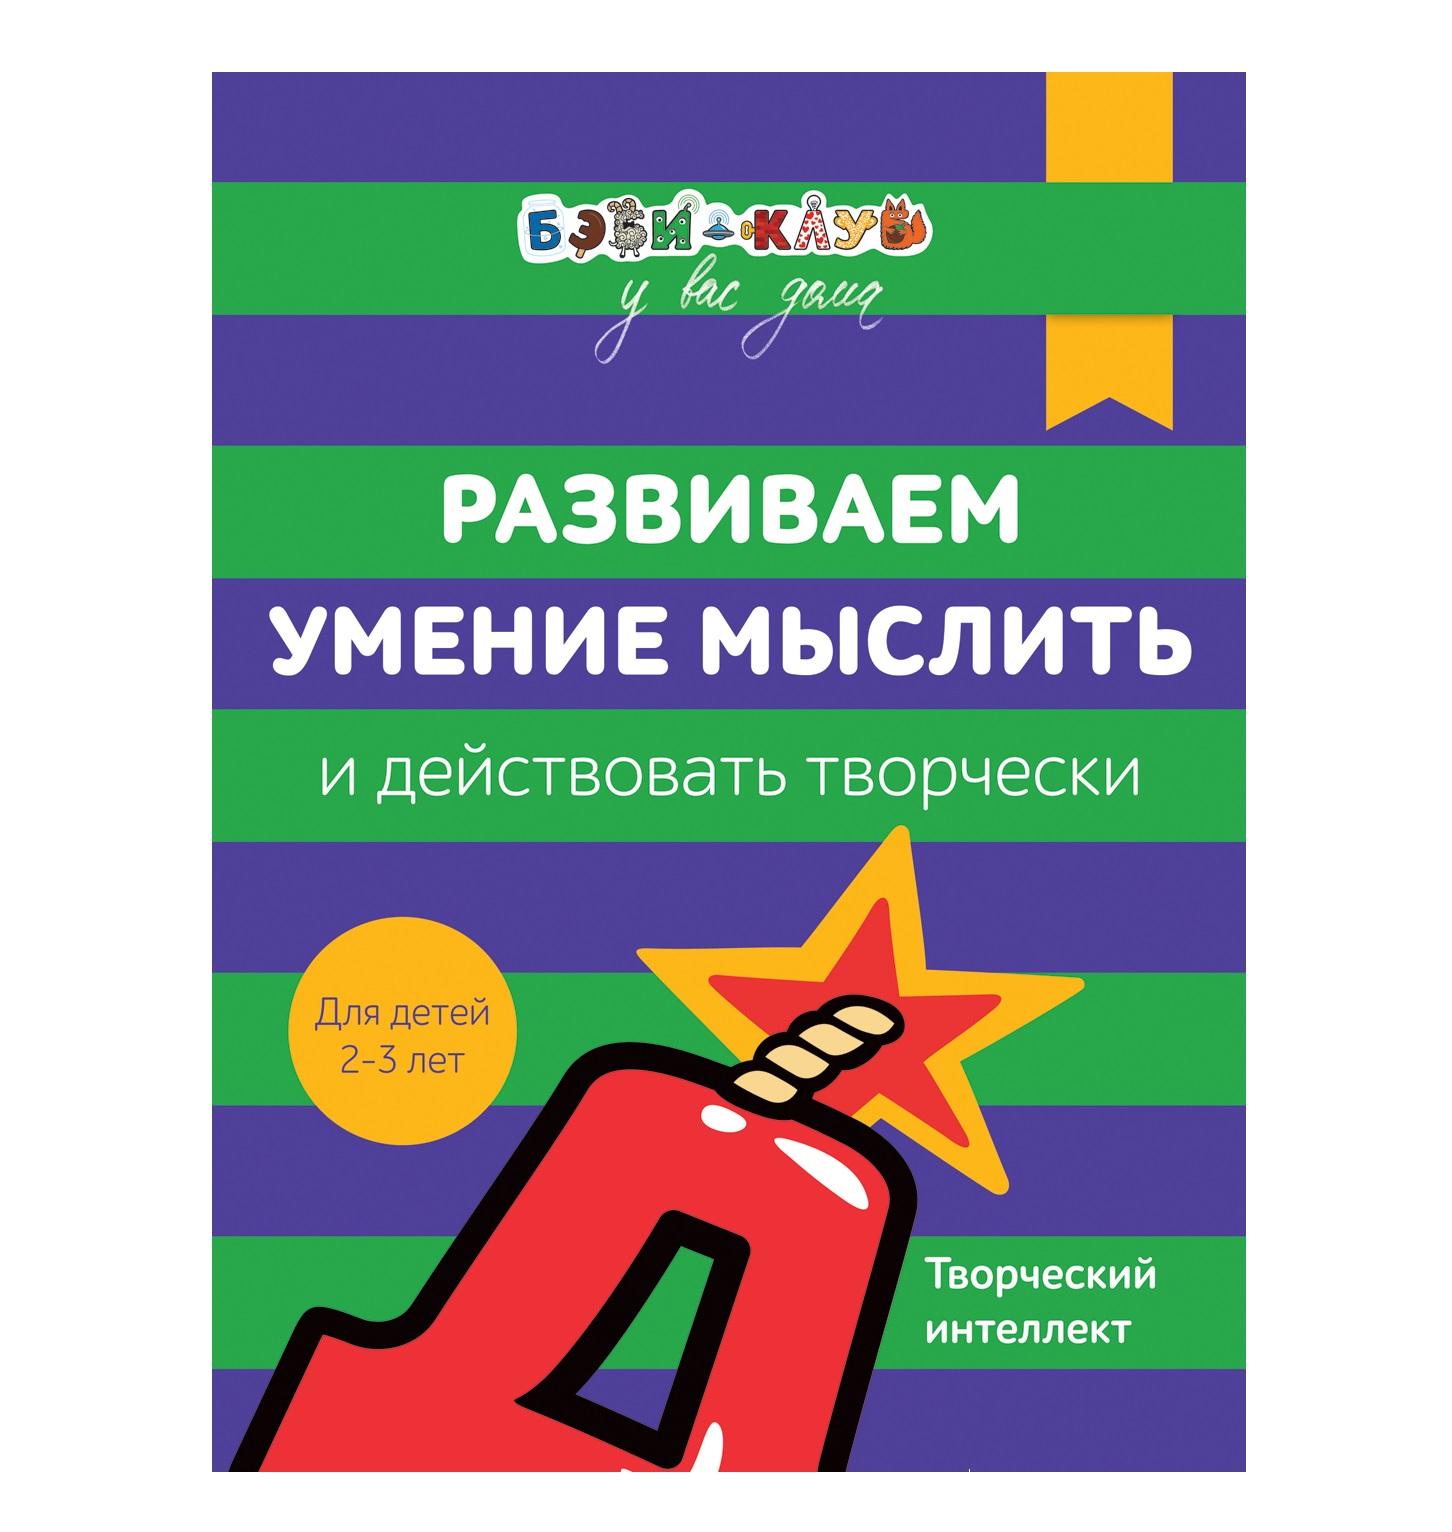 Книга Бэби-клуб - Развиваем умение мыслить и действовать творчески от 2-х до 3-х летРазвивающие пособия и умные карточки<br>Книга Бэби-клуб - Развиваем умение мыслить и действовать творчески от 2-х до 3-х лет<br>